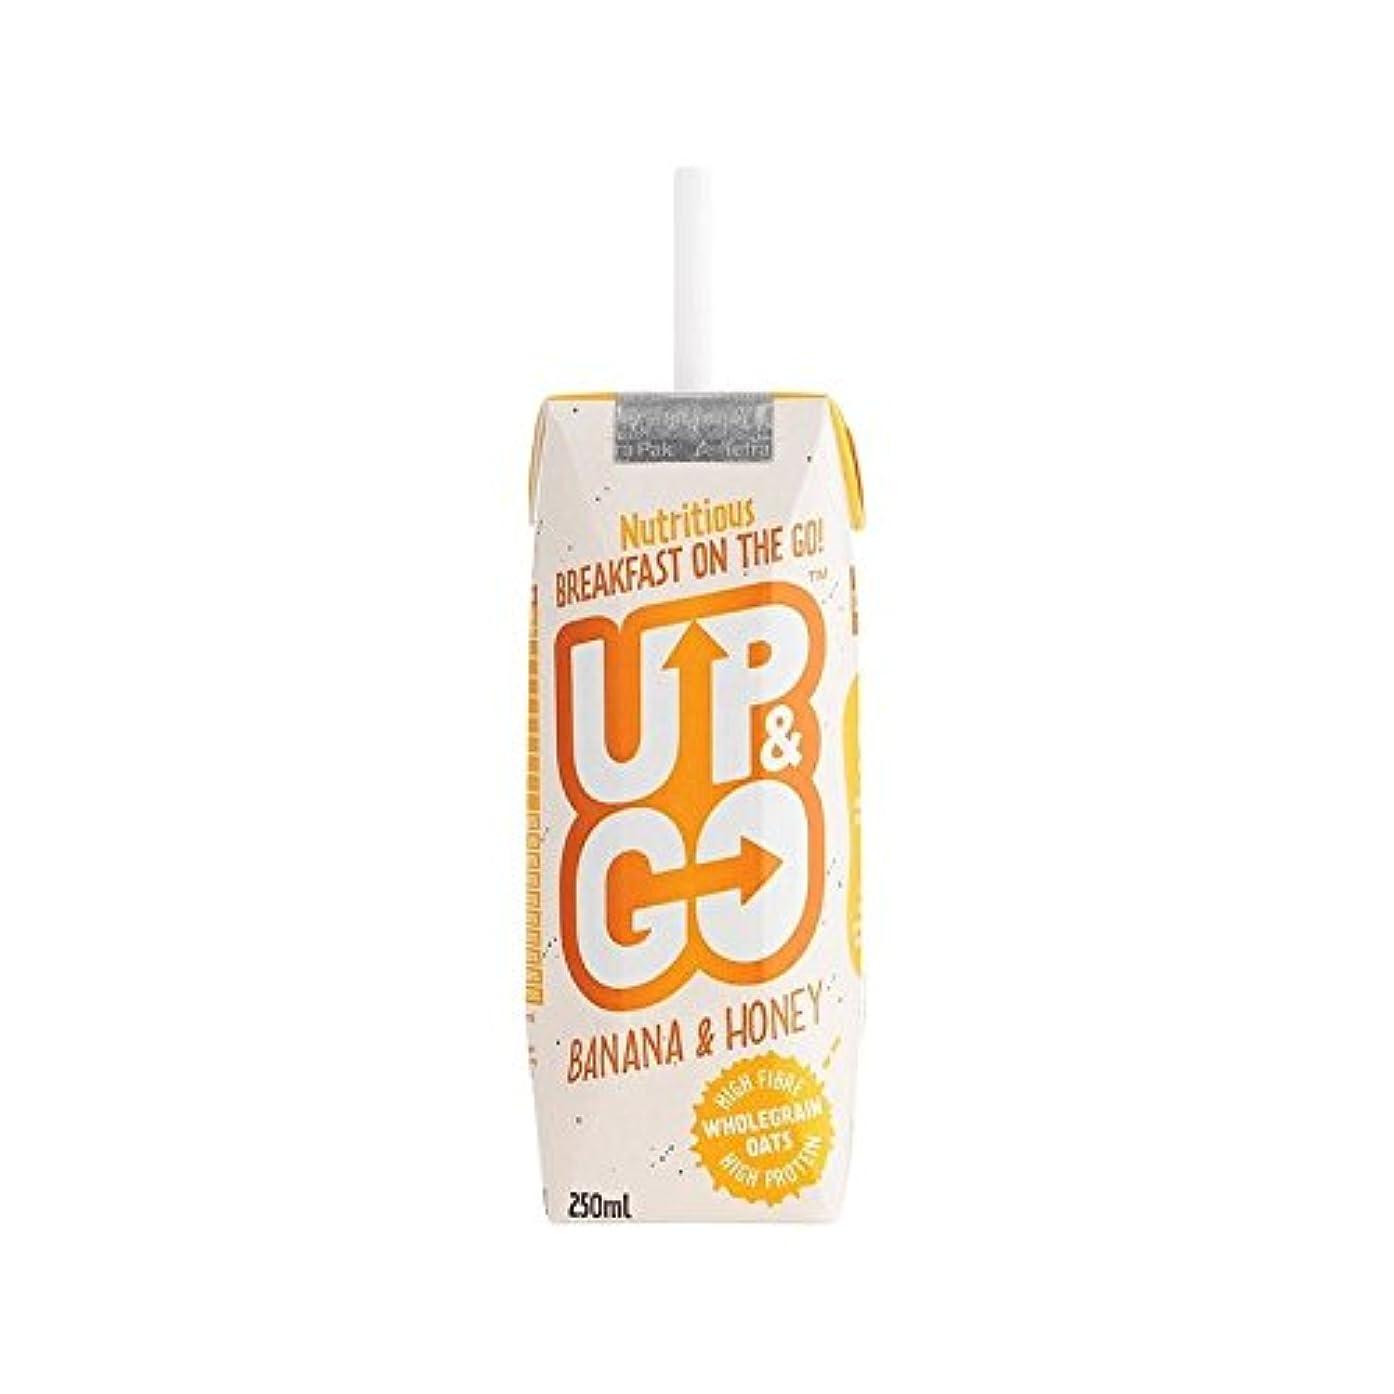 後退するプレミアム改革オート麦の250ミリリットルとバナナ&ハニー朝食ドリンク (Up&Go) (x 4) - Up&Go Banana & Honey Breakfast Drink with Oats 250ml (Pack of 4)...